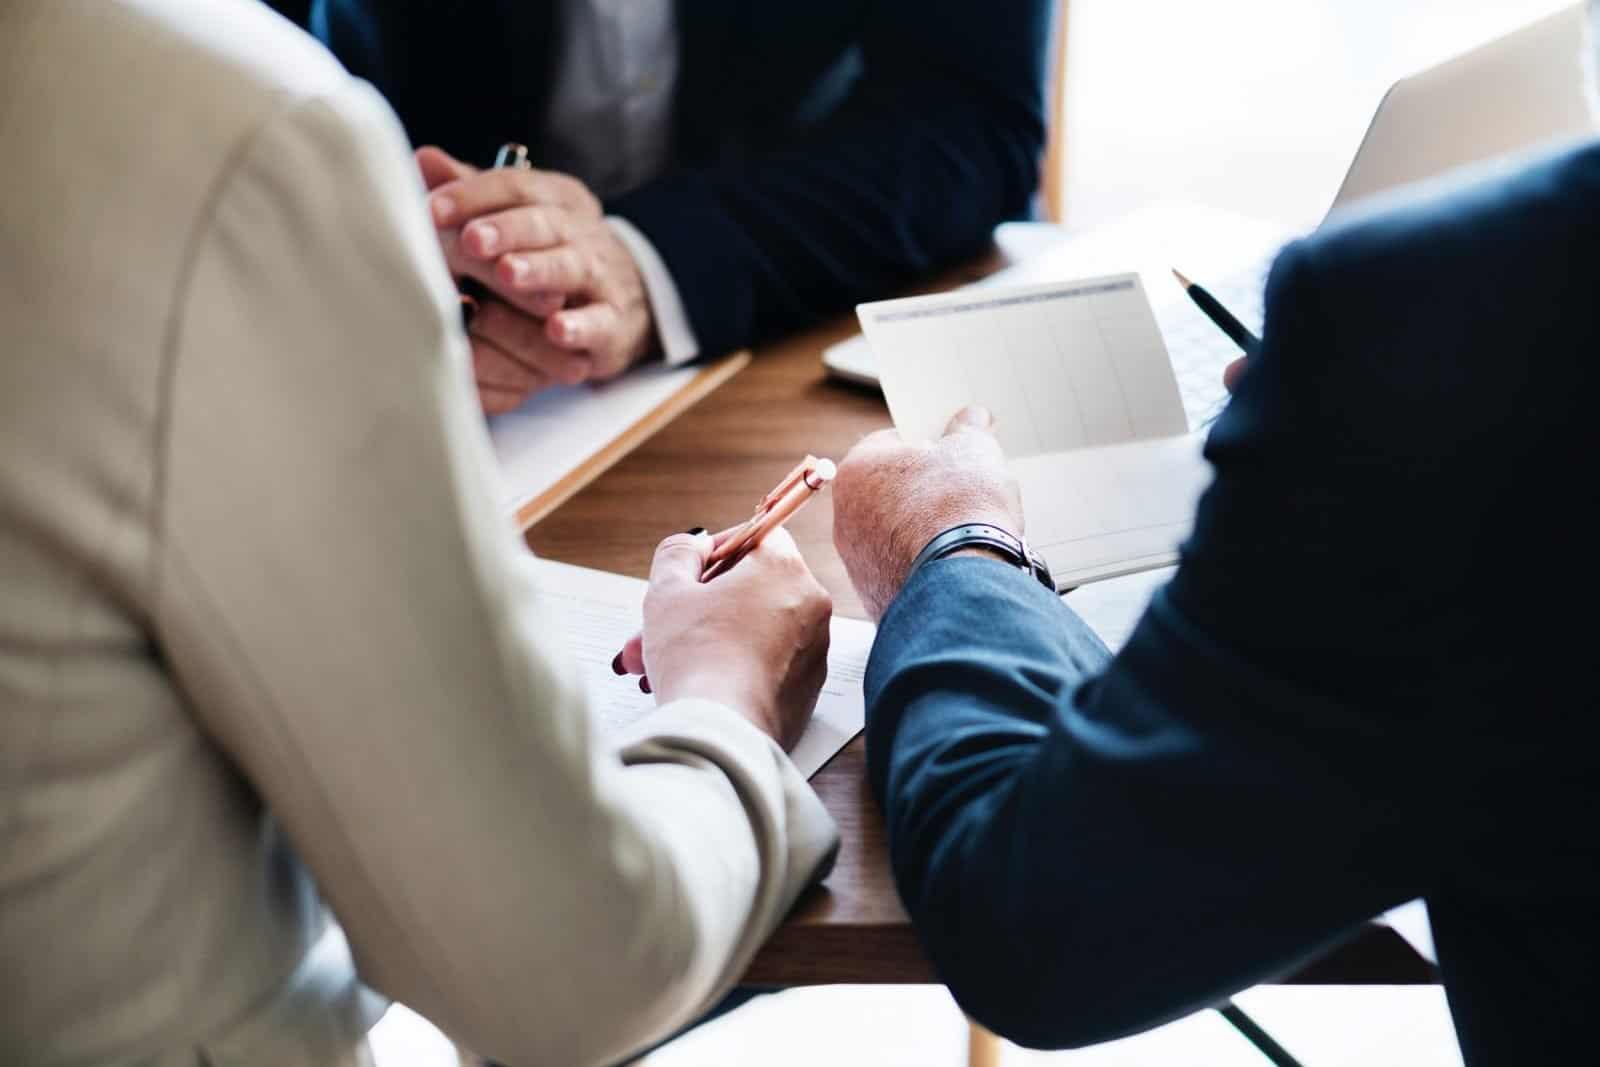 תמונה: אנשים בחליפות יושבים משרד ועוברים על מסמכים